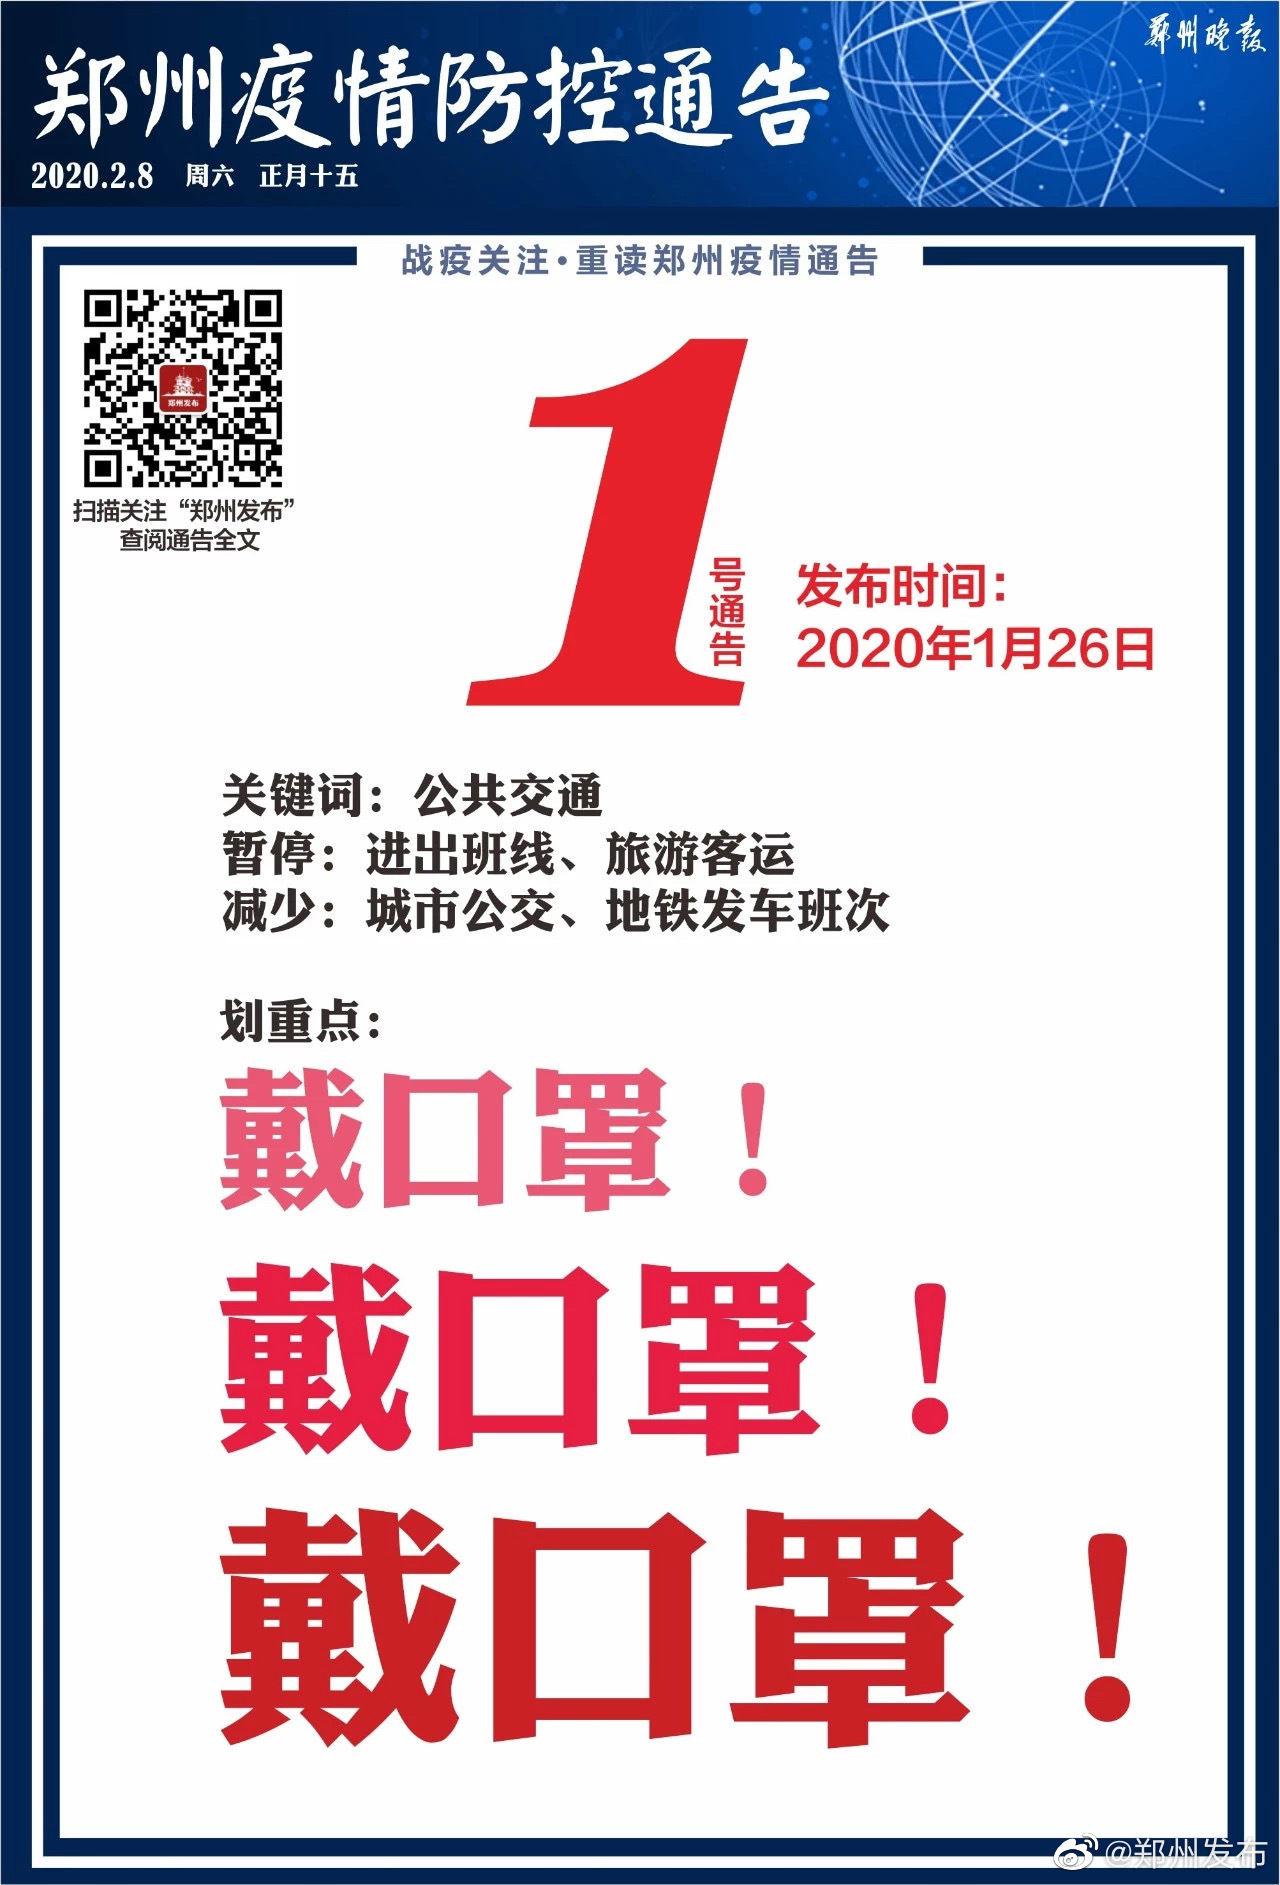 郑州疫情防控通告第1号